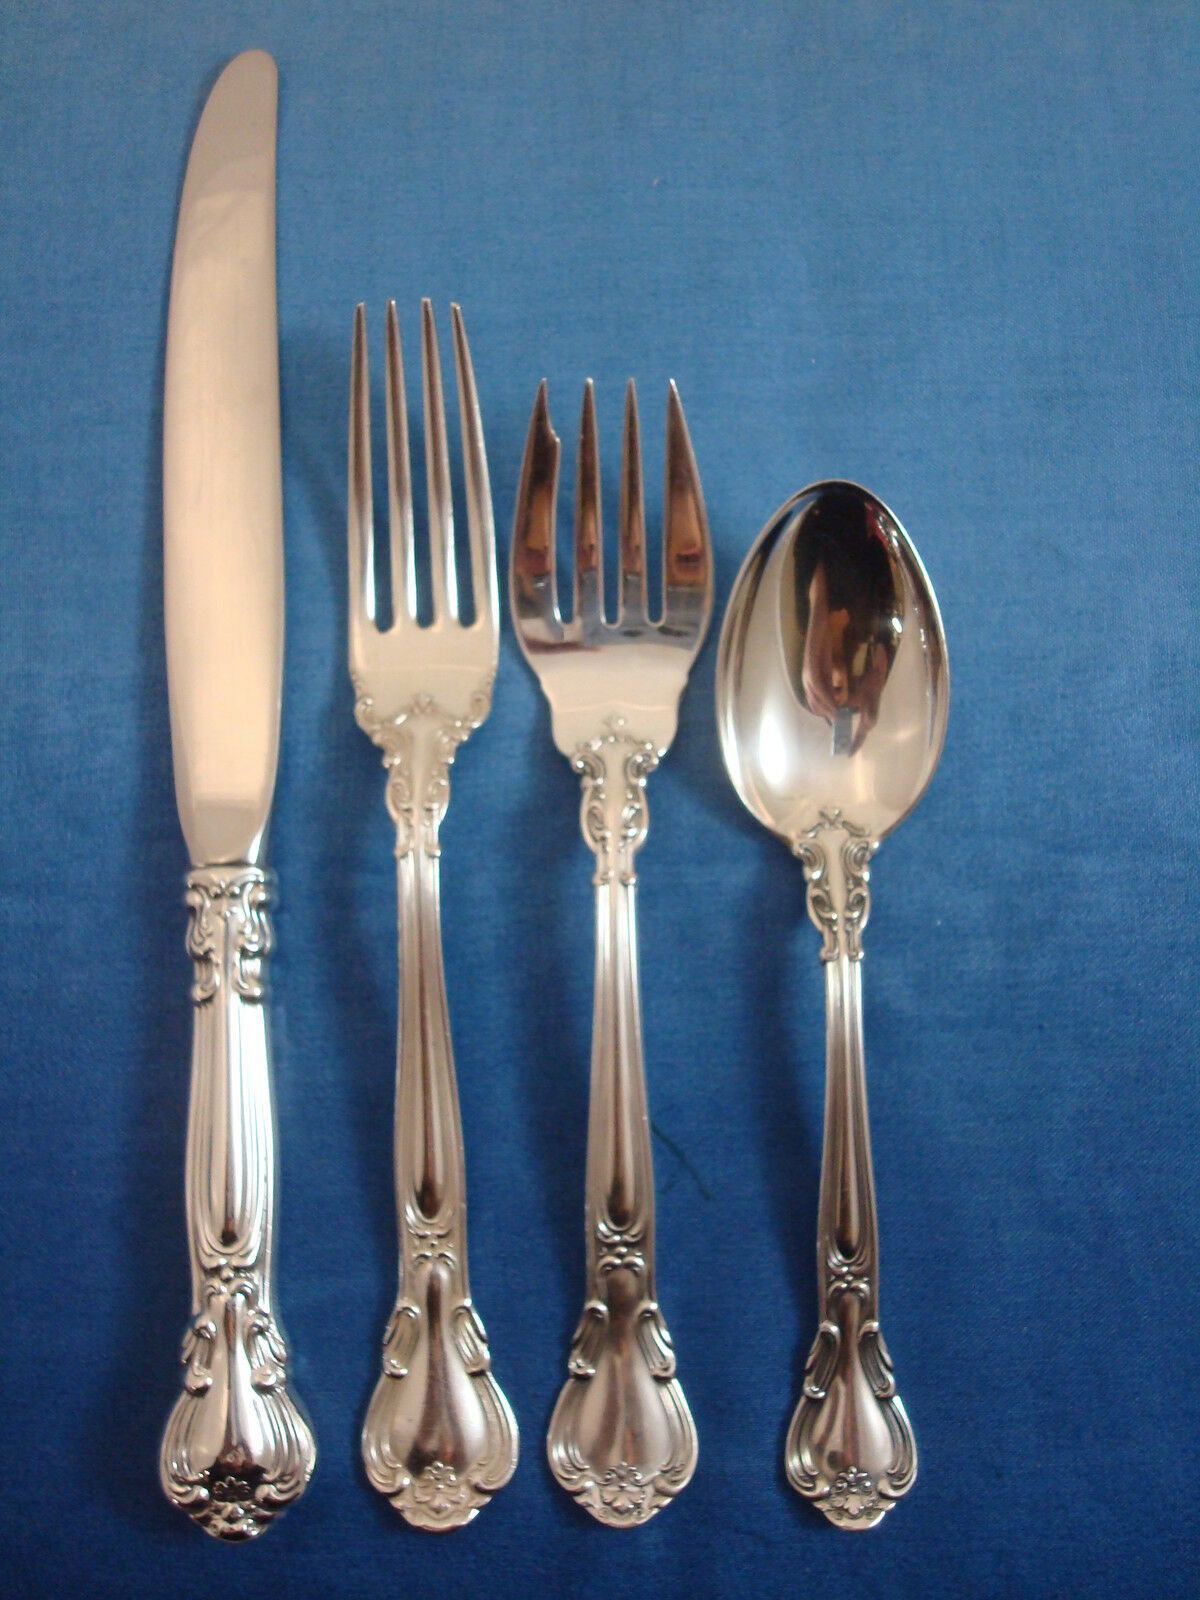 chantilly by gorham sterling silver flatware set for 8. Black Bedroom Furniture Sets. Home Design Ideas